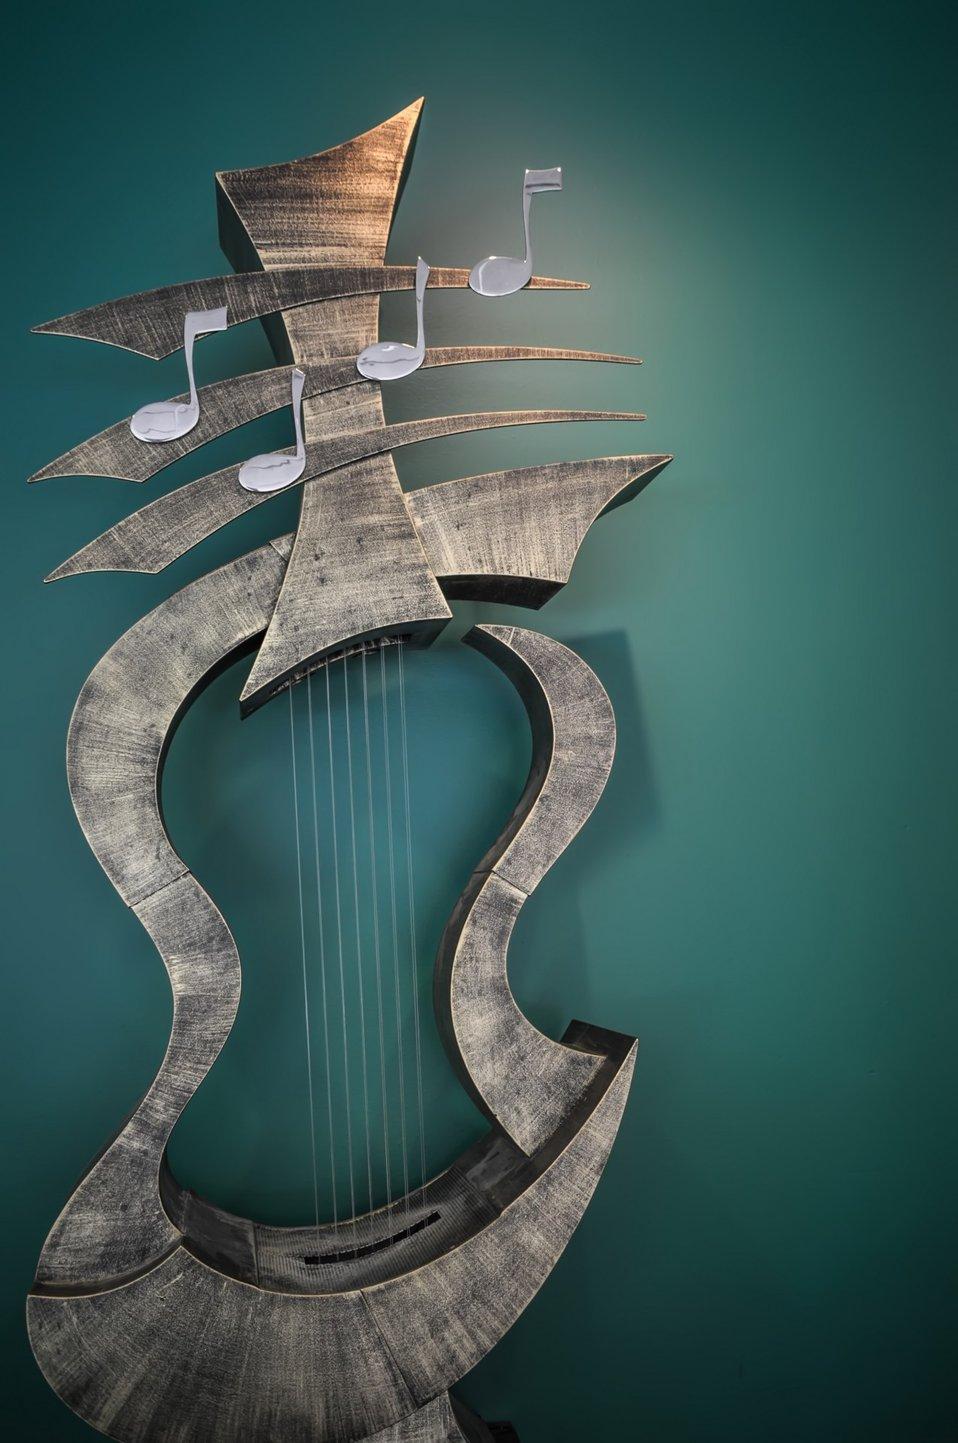 Musical instrument sculpture